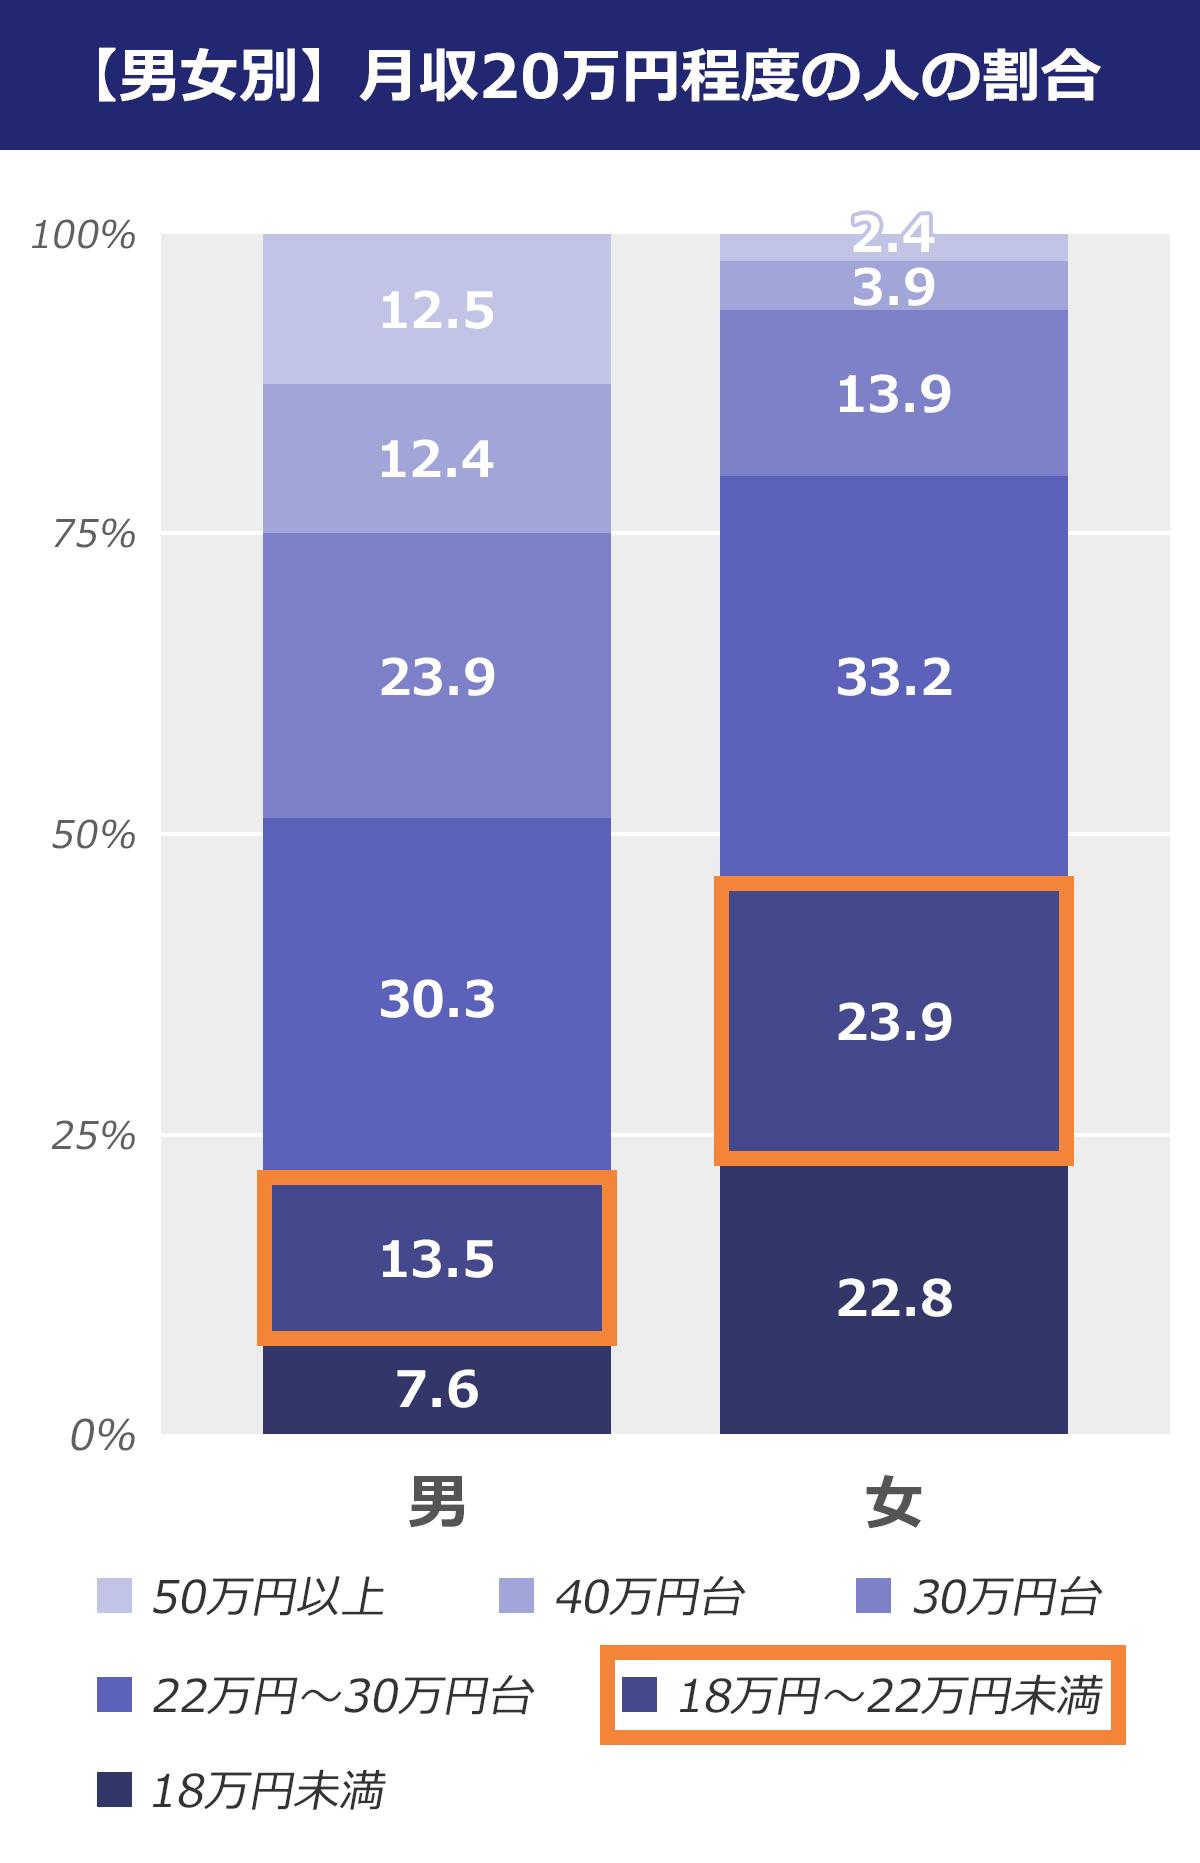 【【男女別】月収20万円程度の人の割合をみるグラフ】(男/女) <50万円以上>12.5%/2.4% <40万円台>12.4%/3.9% <30万円台>23.9%/13.9% <22万円~30万円台>30.3%/33.2% <18万円~22万未満>13.5%/23.9% <18万円未満>7.6%/22.8%